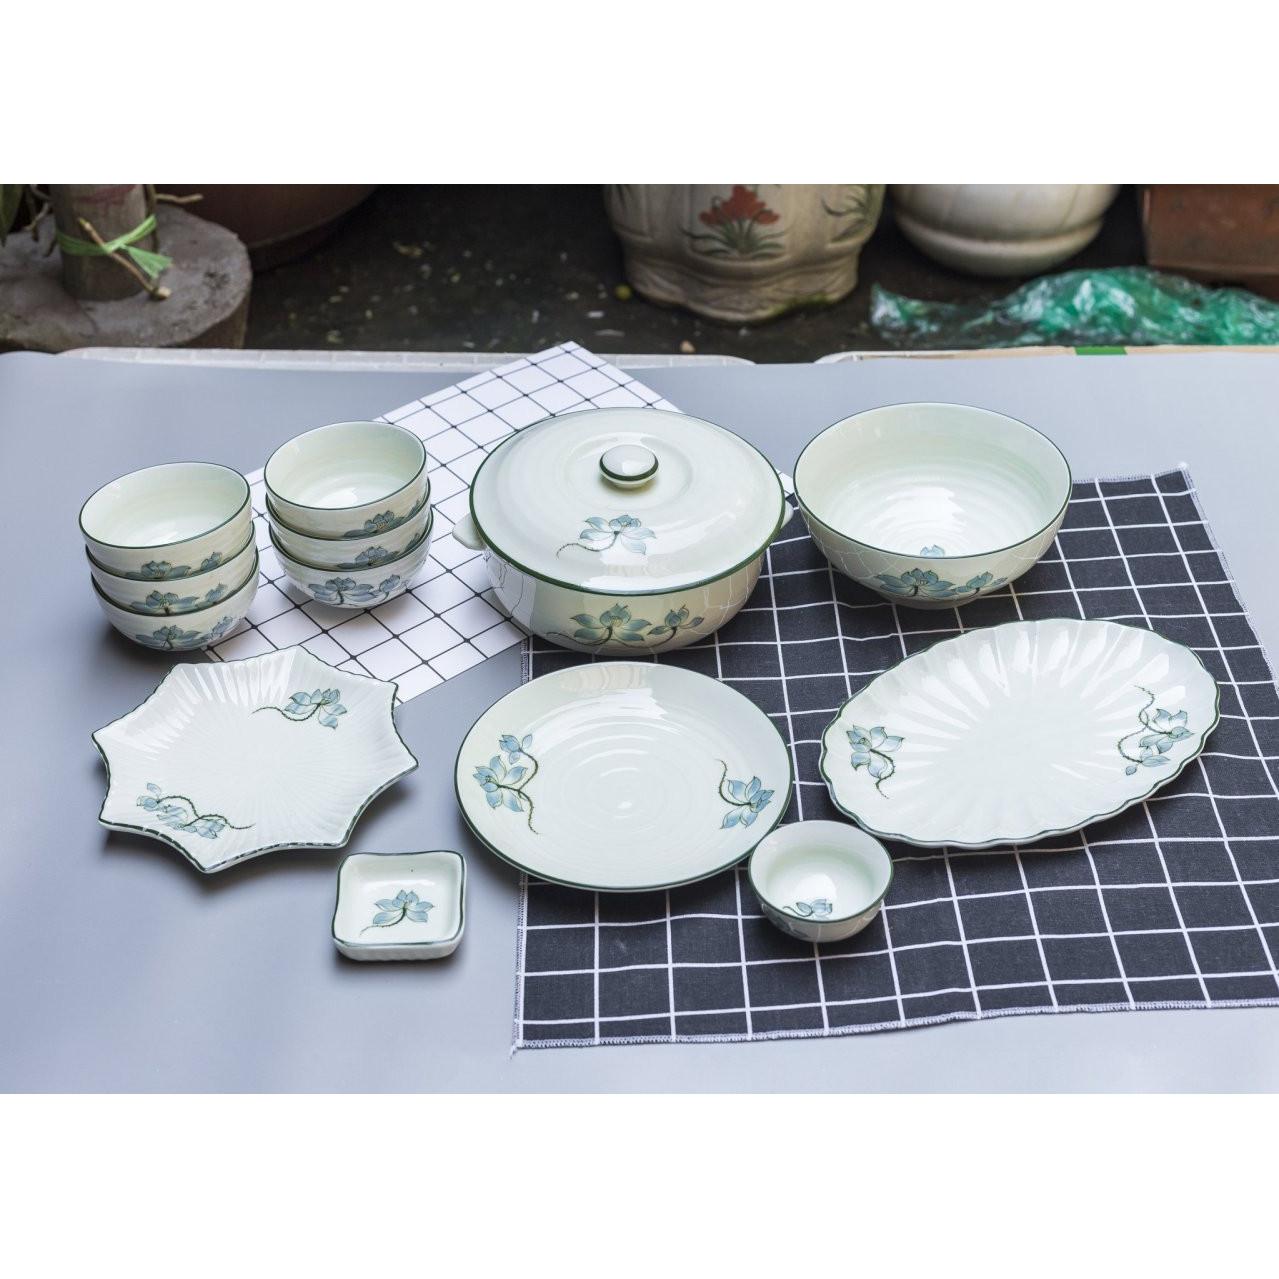 Bộ sản phẩm đồ ăn vẽ hoa sen gốm sứ Bát Tràng( 13 món)